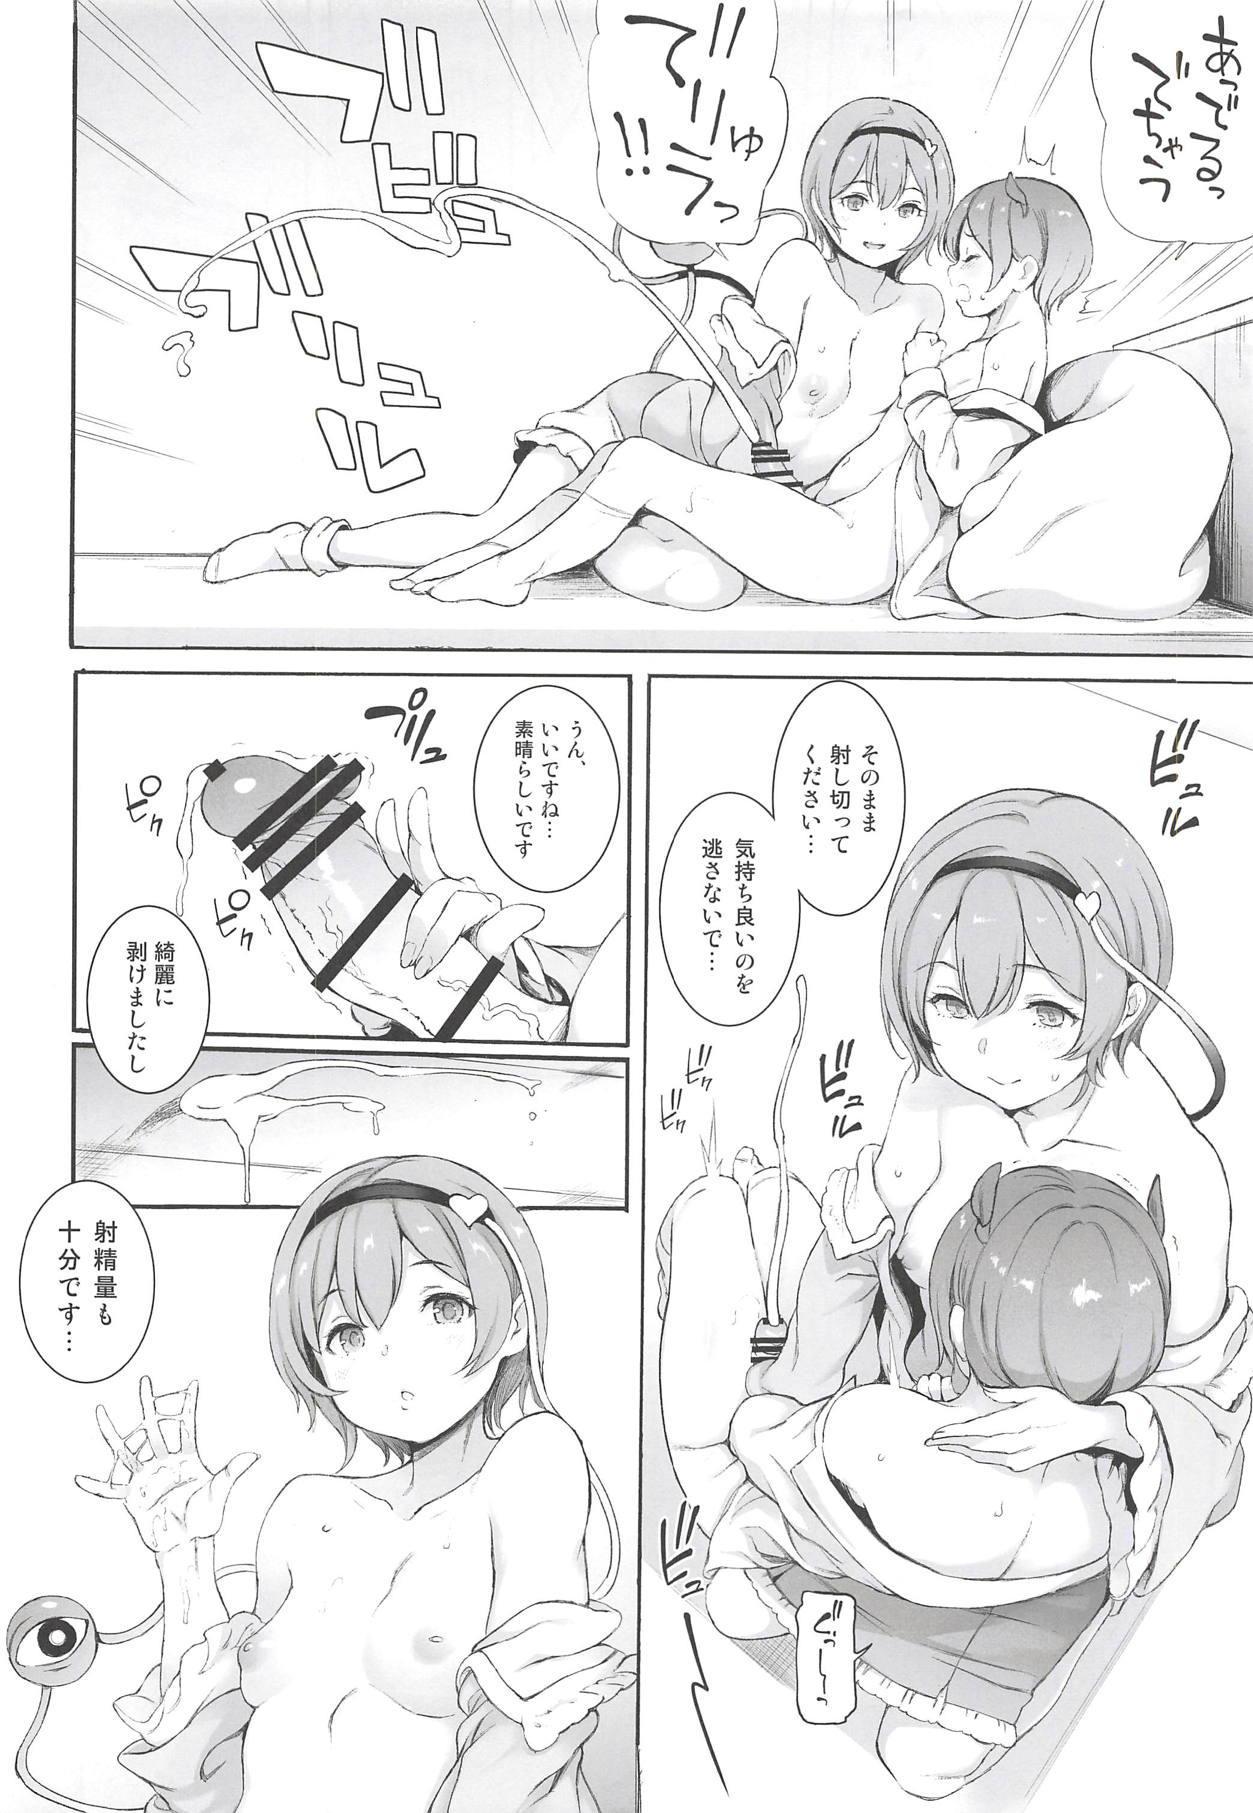 Satori-sama Generation 6